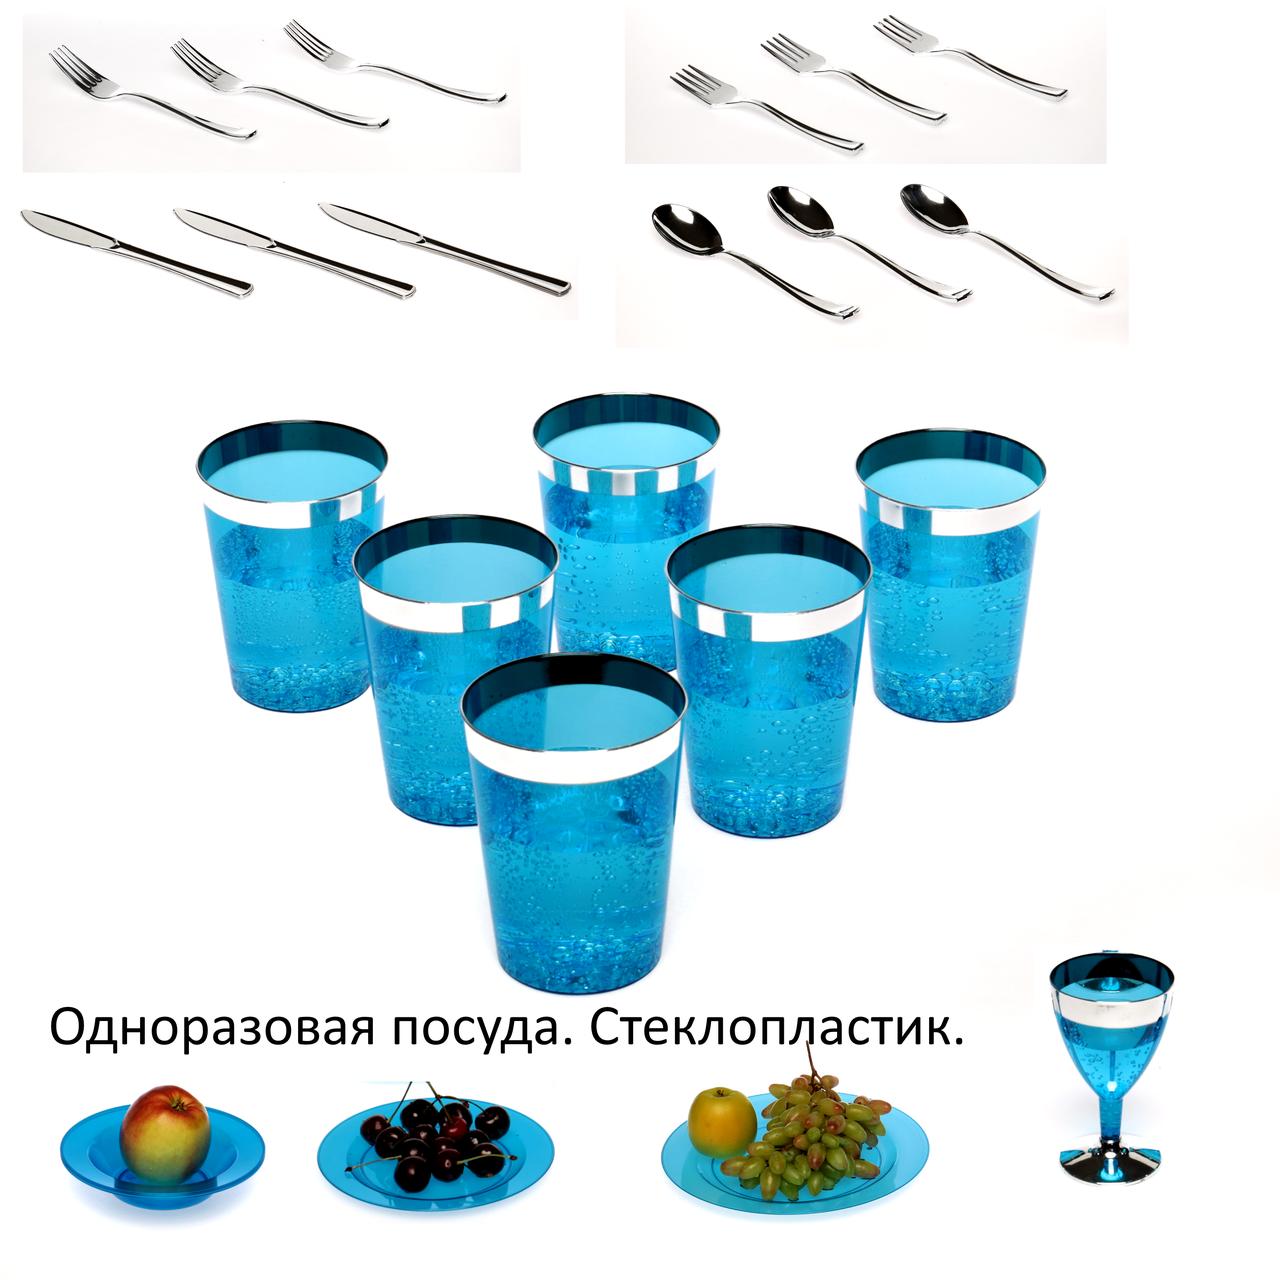 Набір склянок  6 шт 220 мл Capital For People склоподібних кольорових.